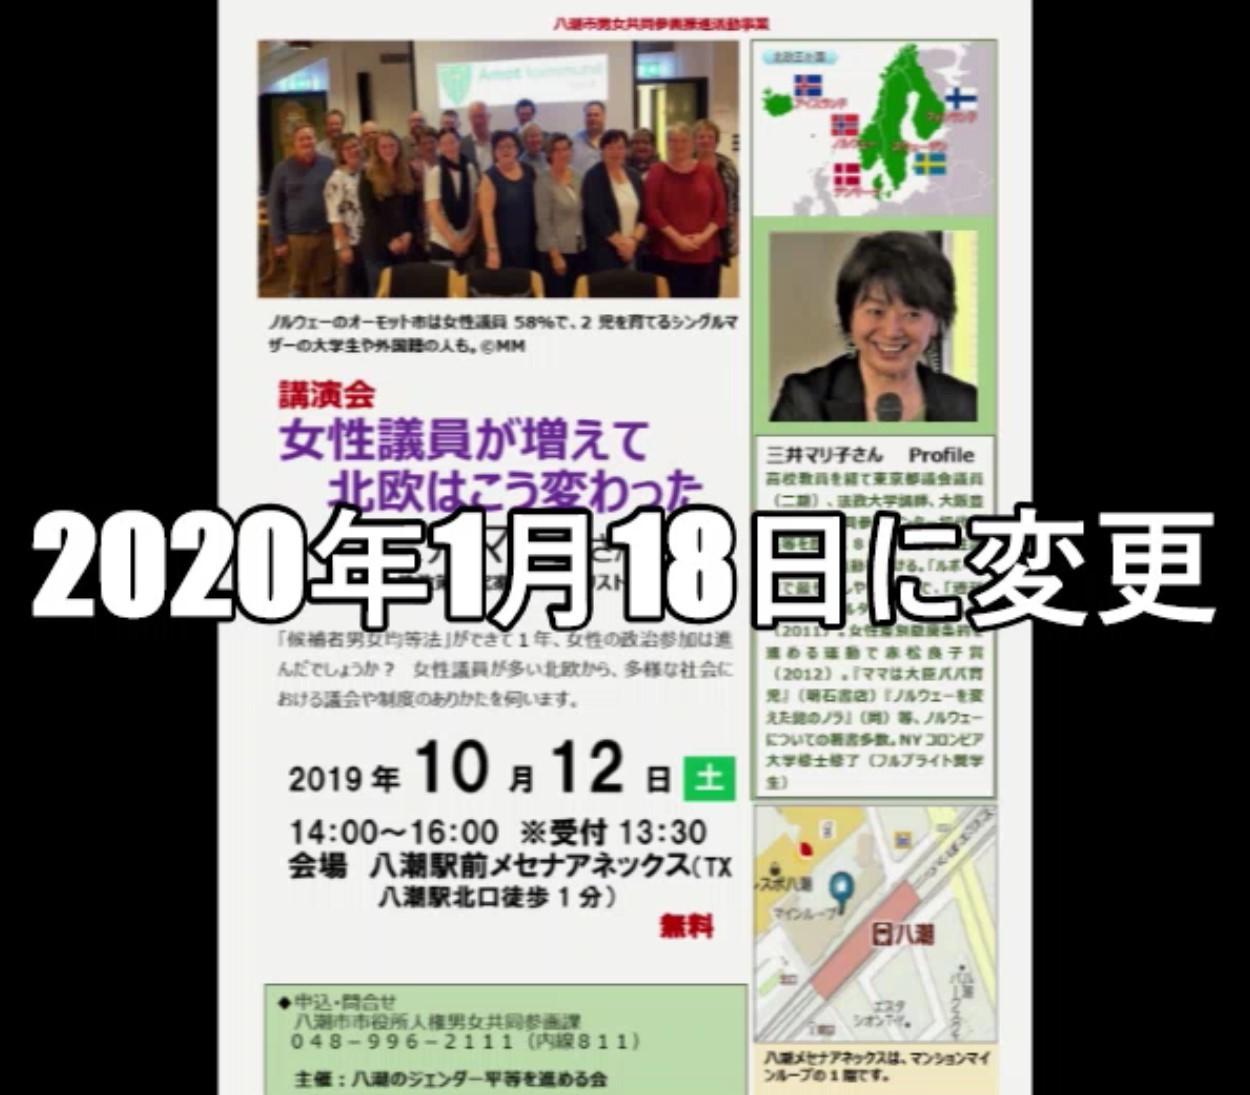 10/12の集い 2020/1/18に延期(八潮市)_c0166264_08540865.jpg